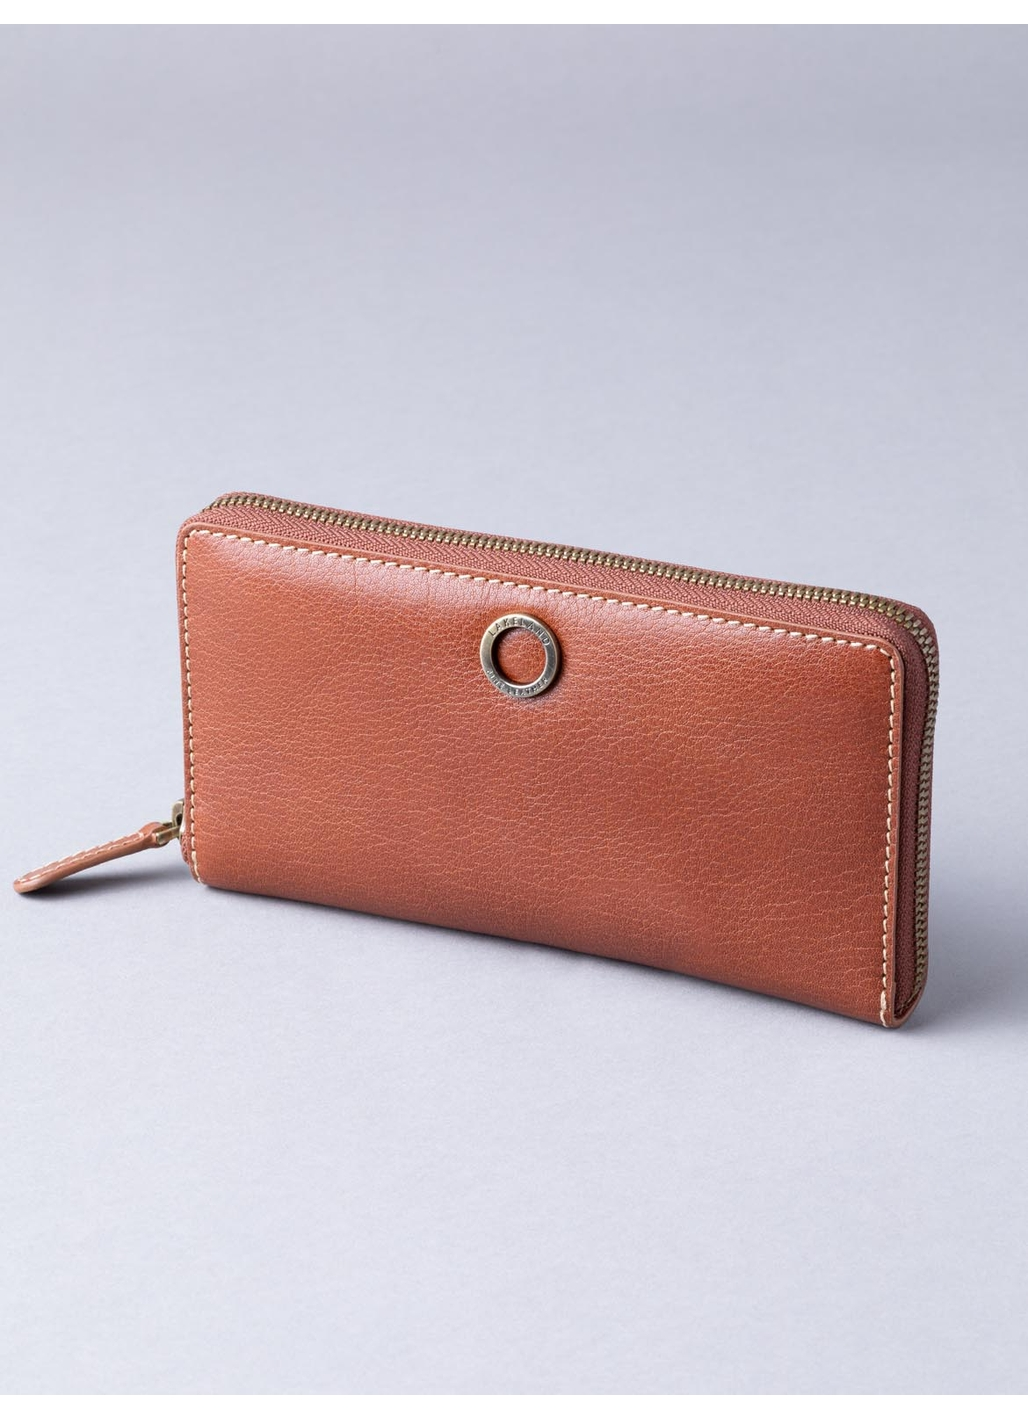 Birthwaite Leather Purse in Cognac